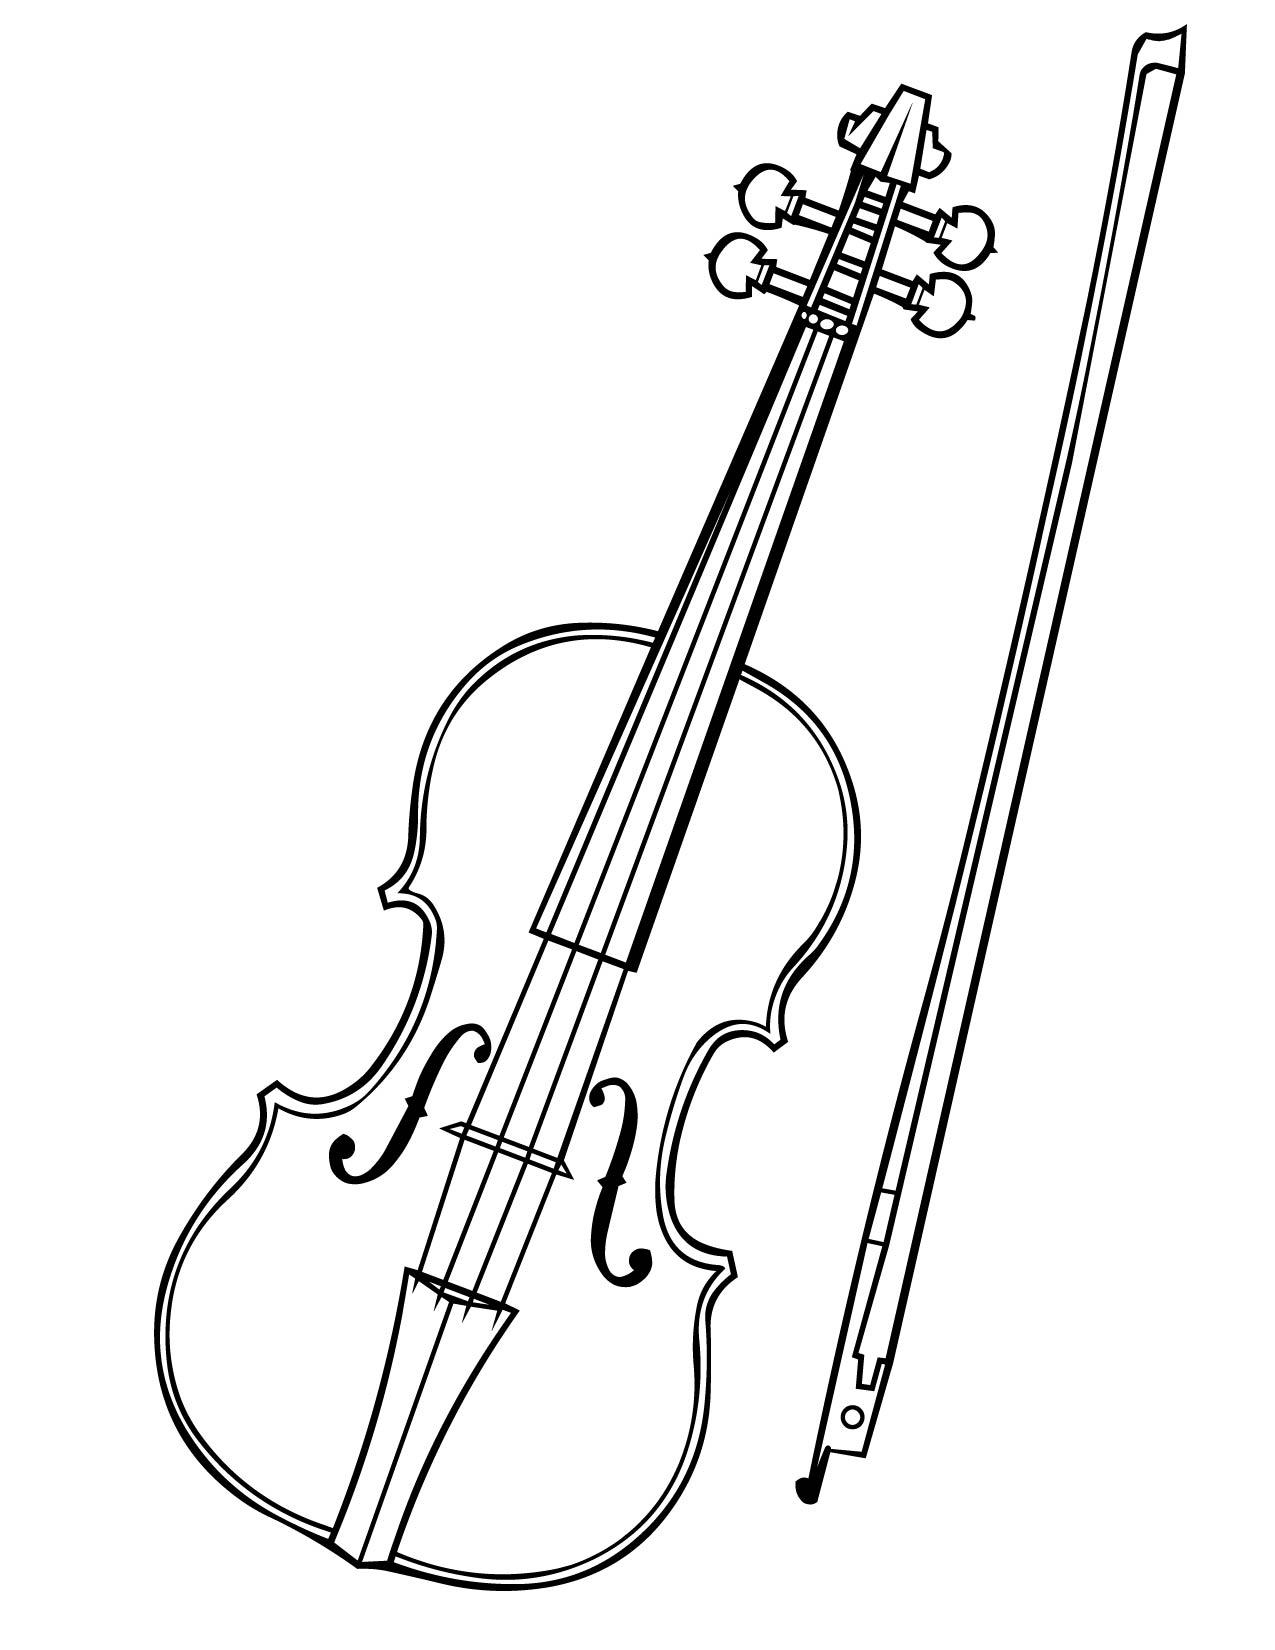 Violin coloring #14, Download drawings